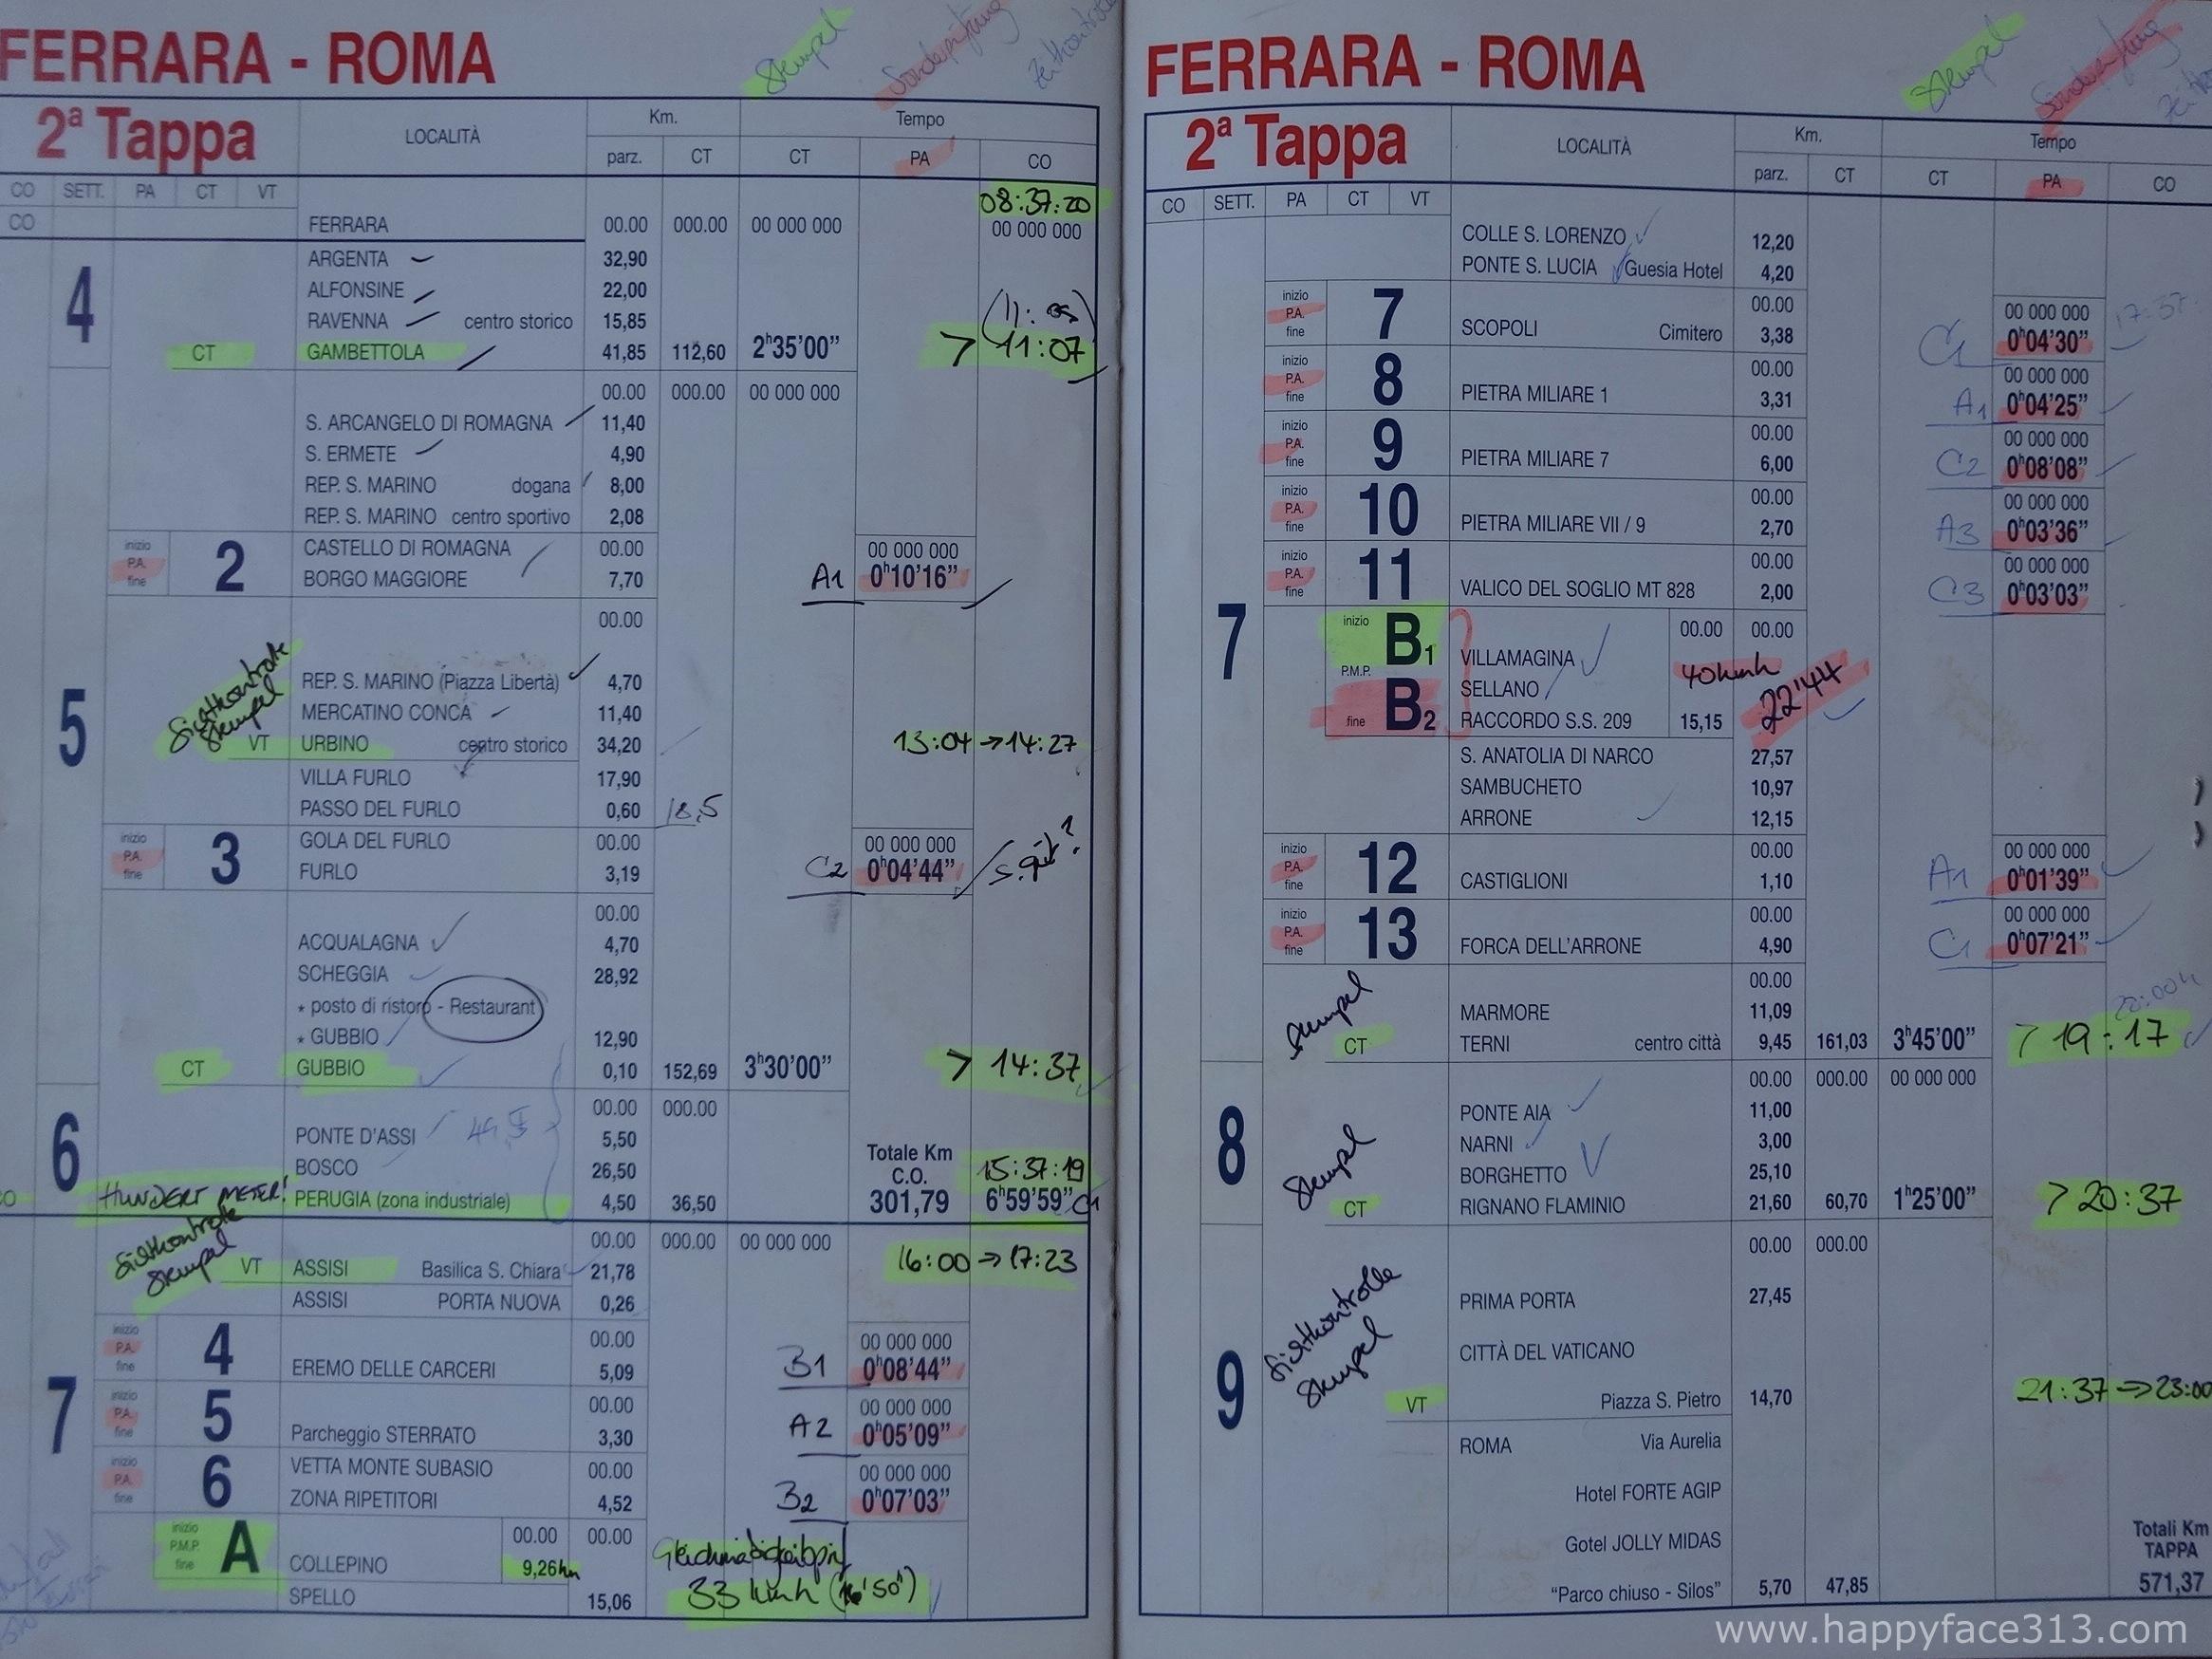 Homework done - Mille Miglia Road Book